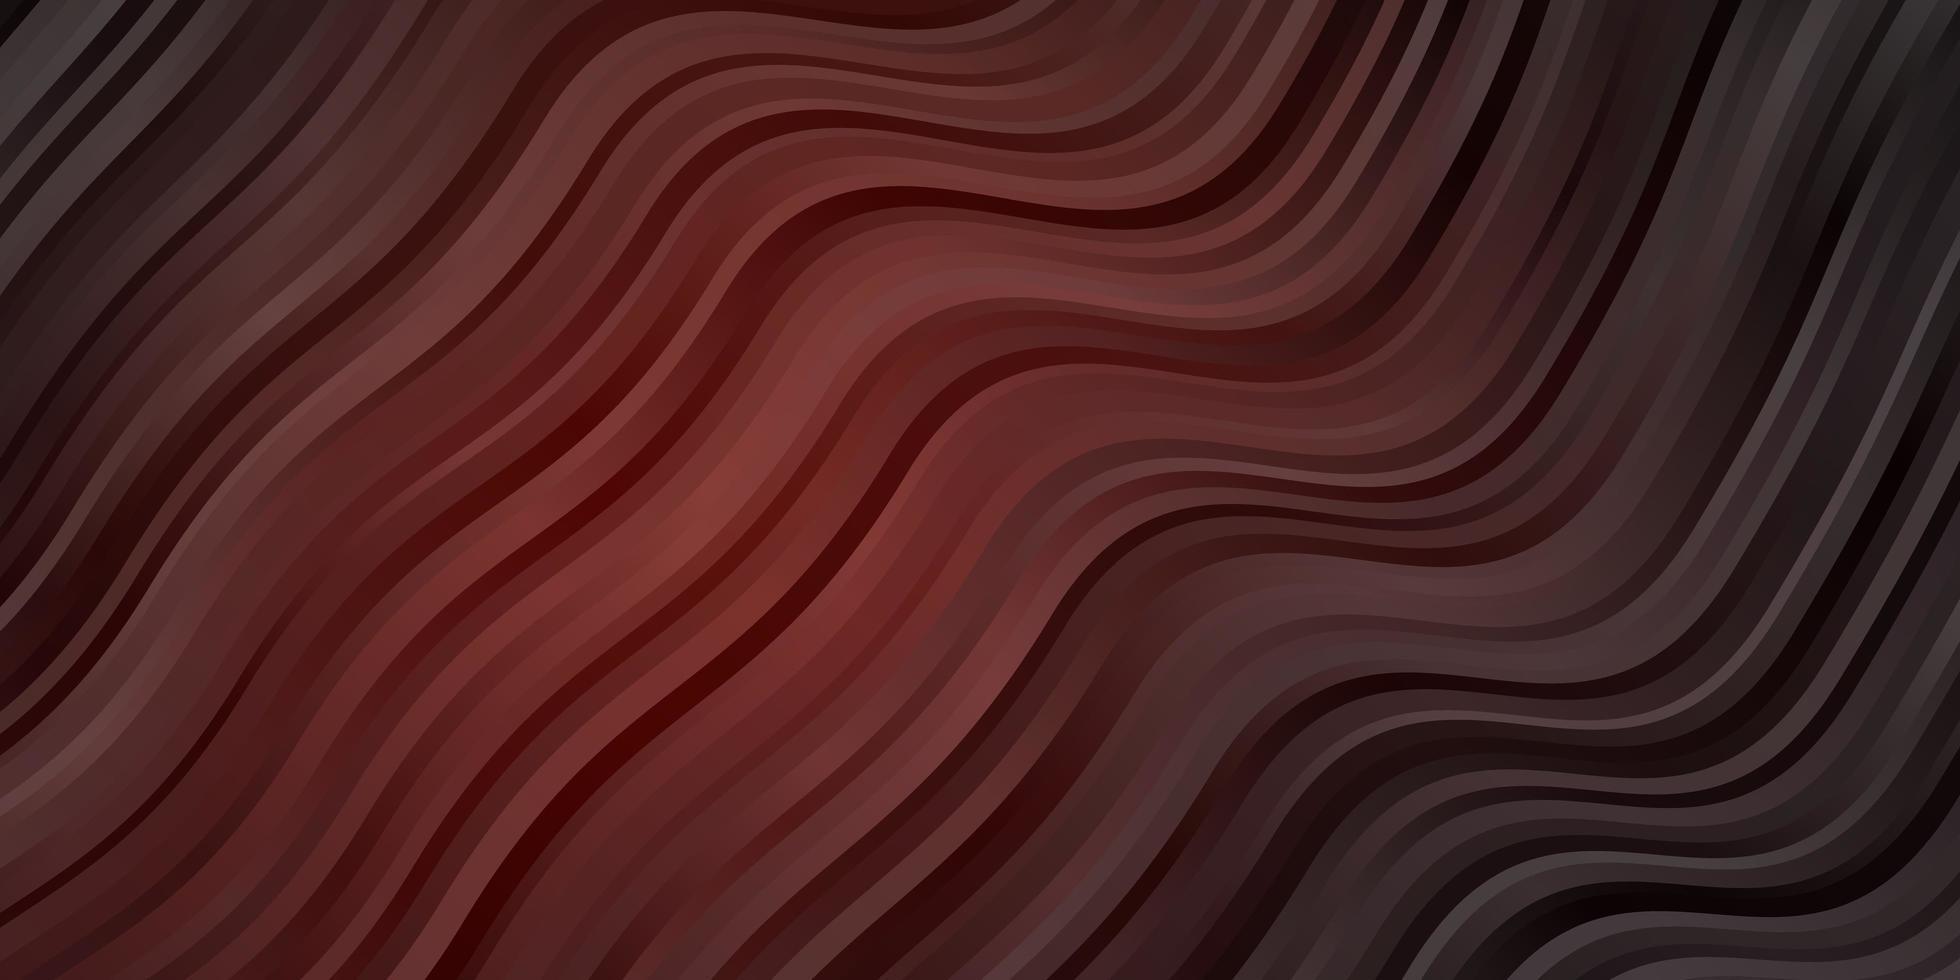 mörk röd vektor bakgrund med böjda linjer.